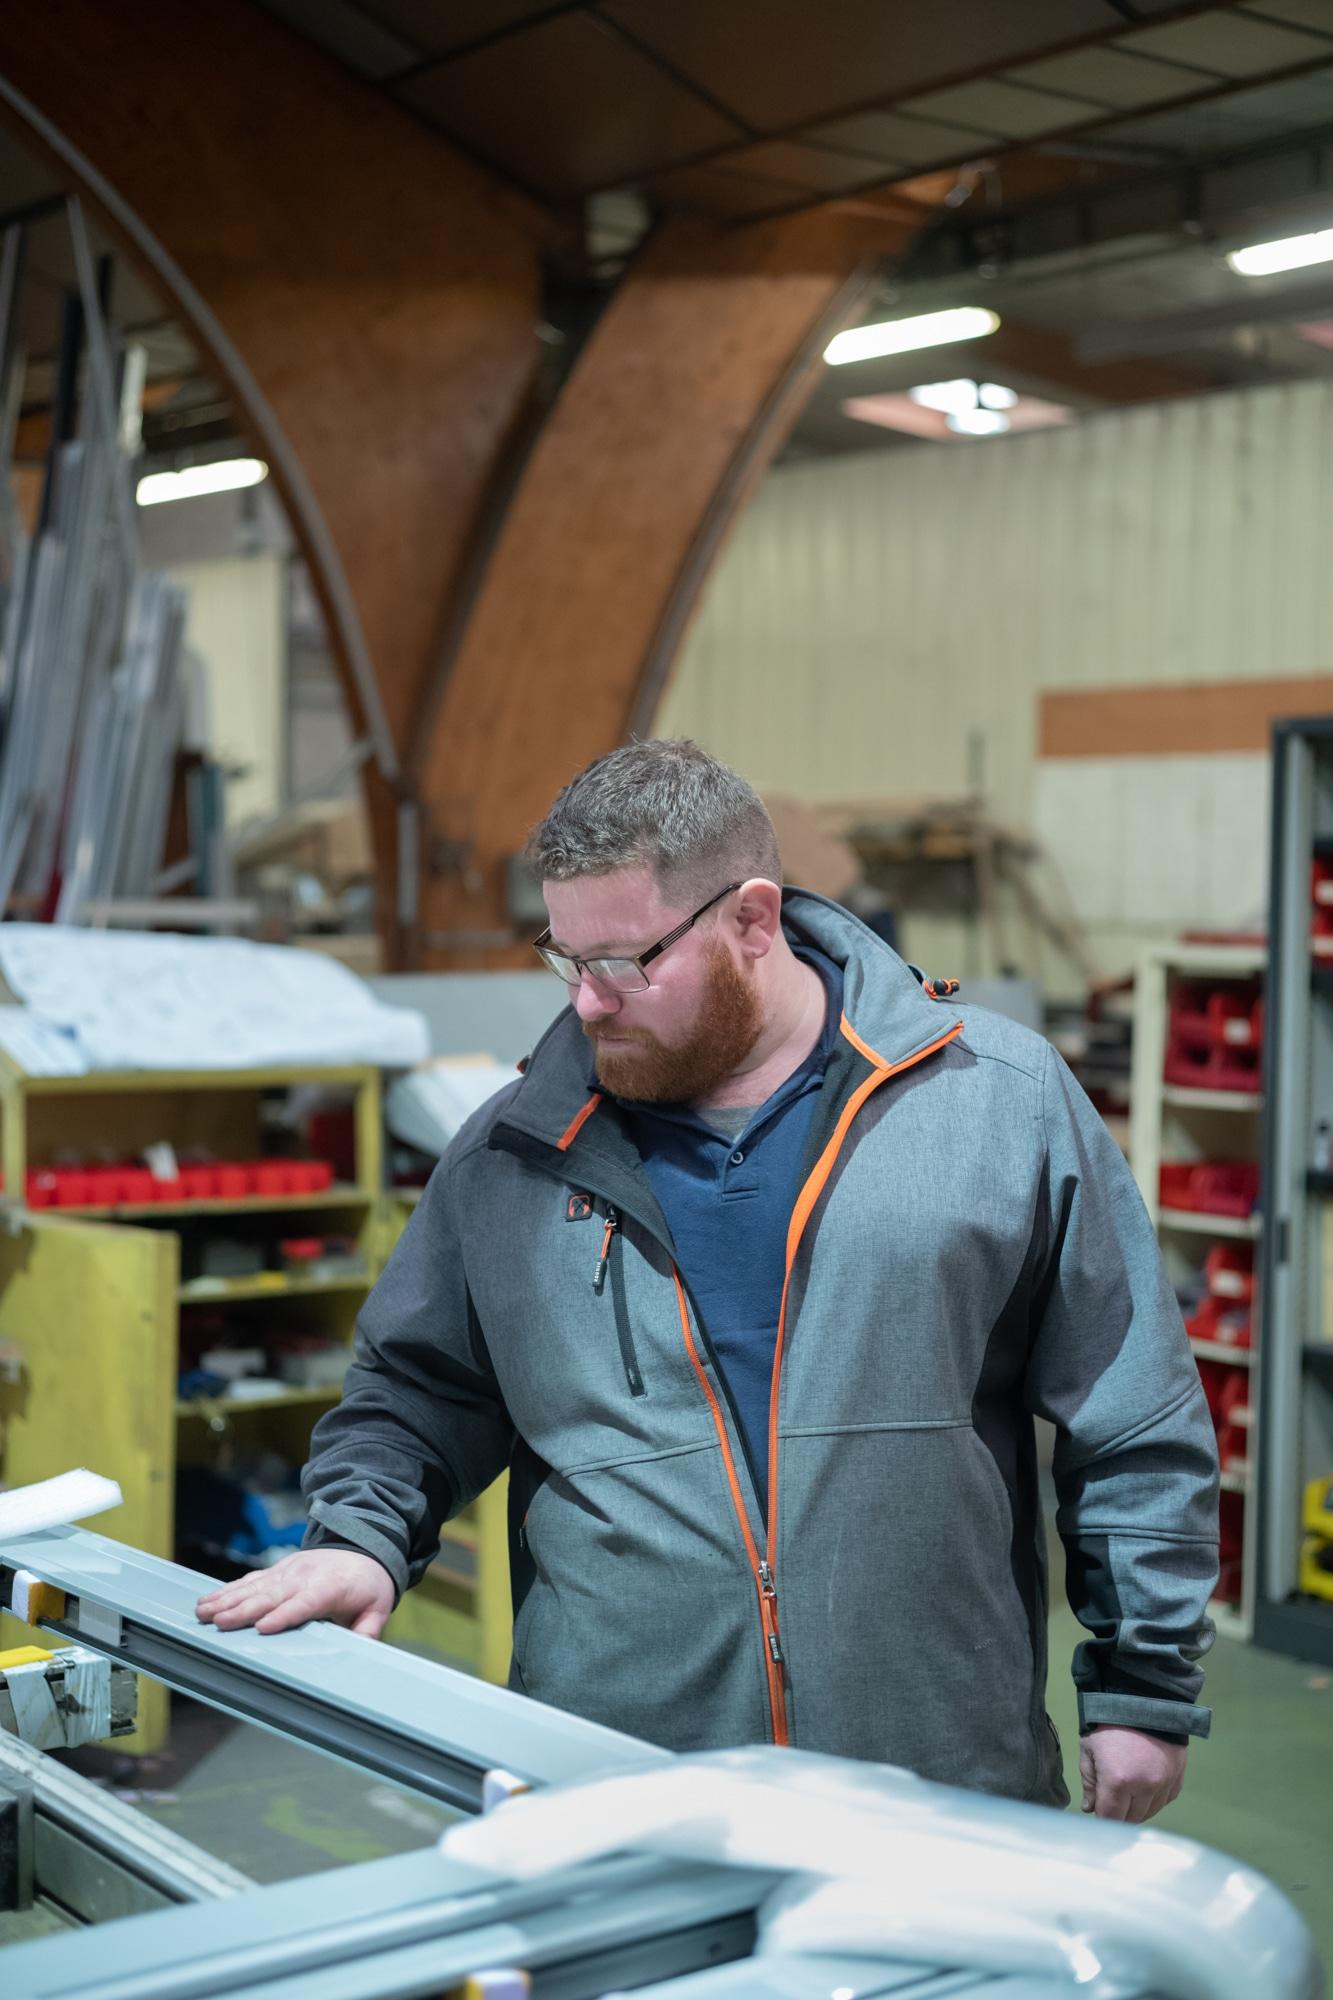 Arnaud passe sa main sur un revêtement laqué dans un atelier